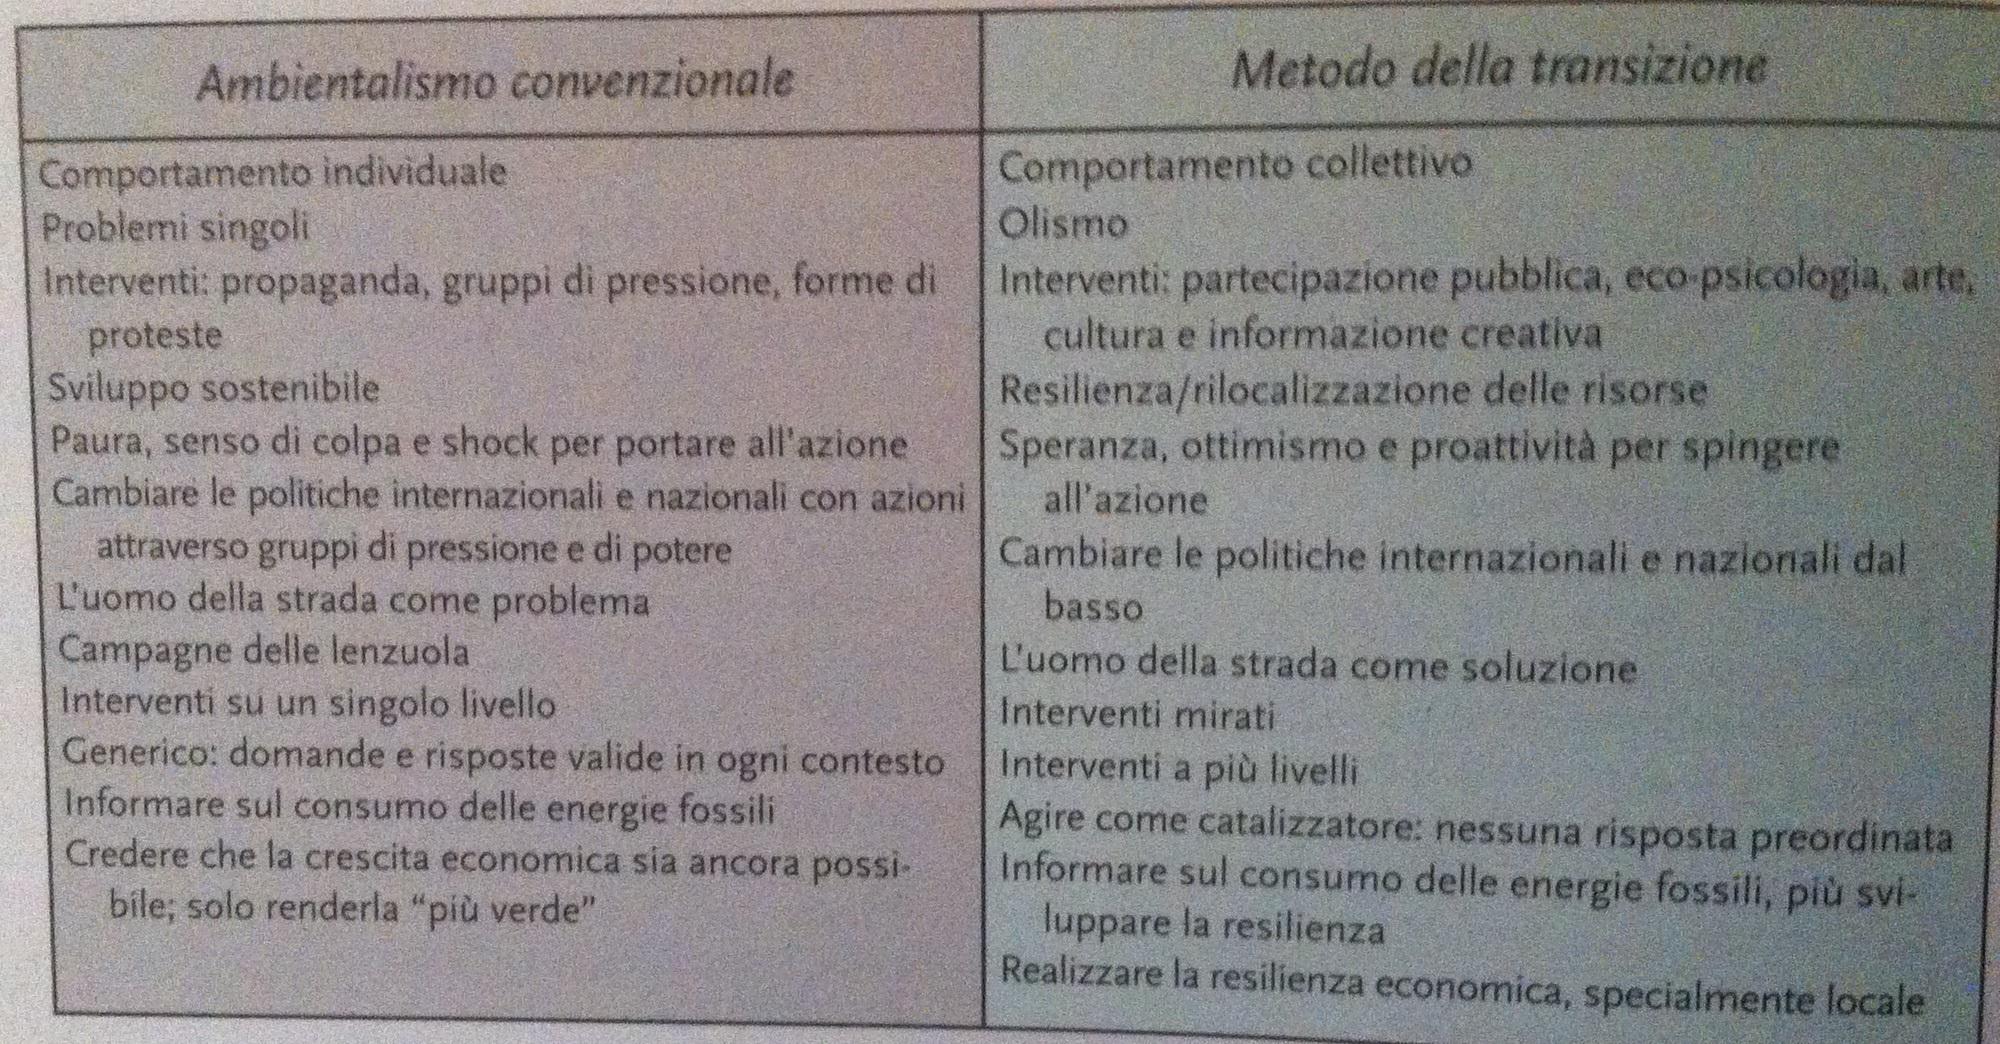 ambientalismoVStransizione